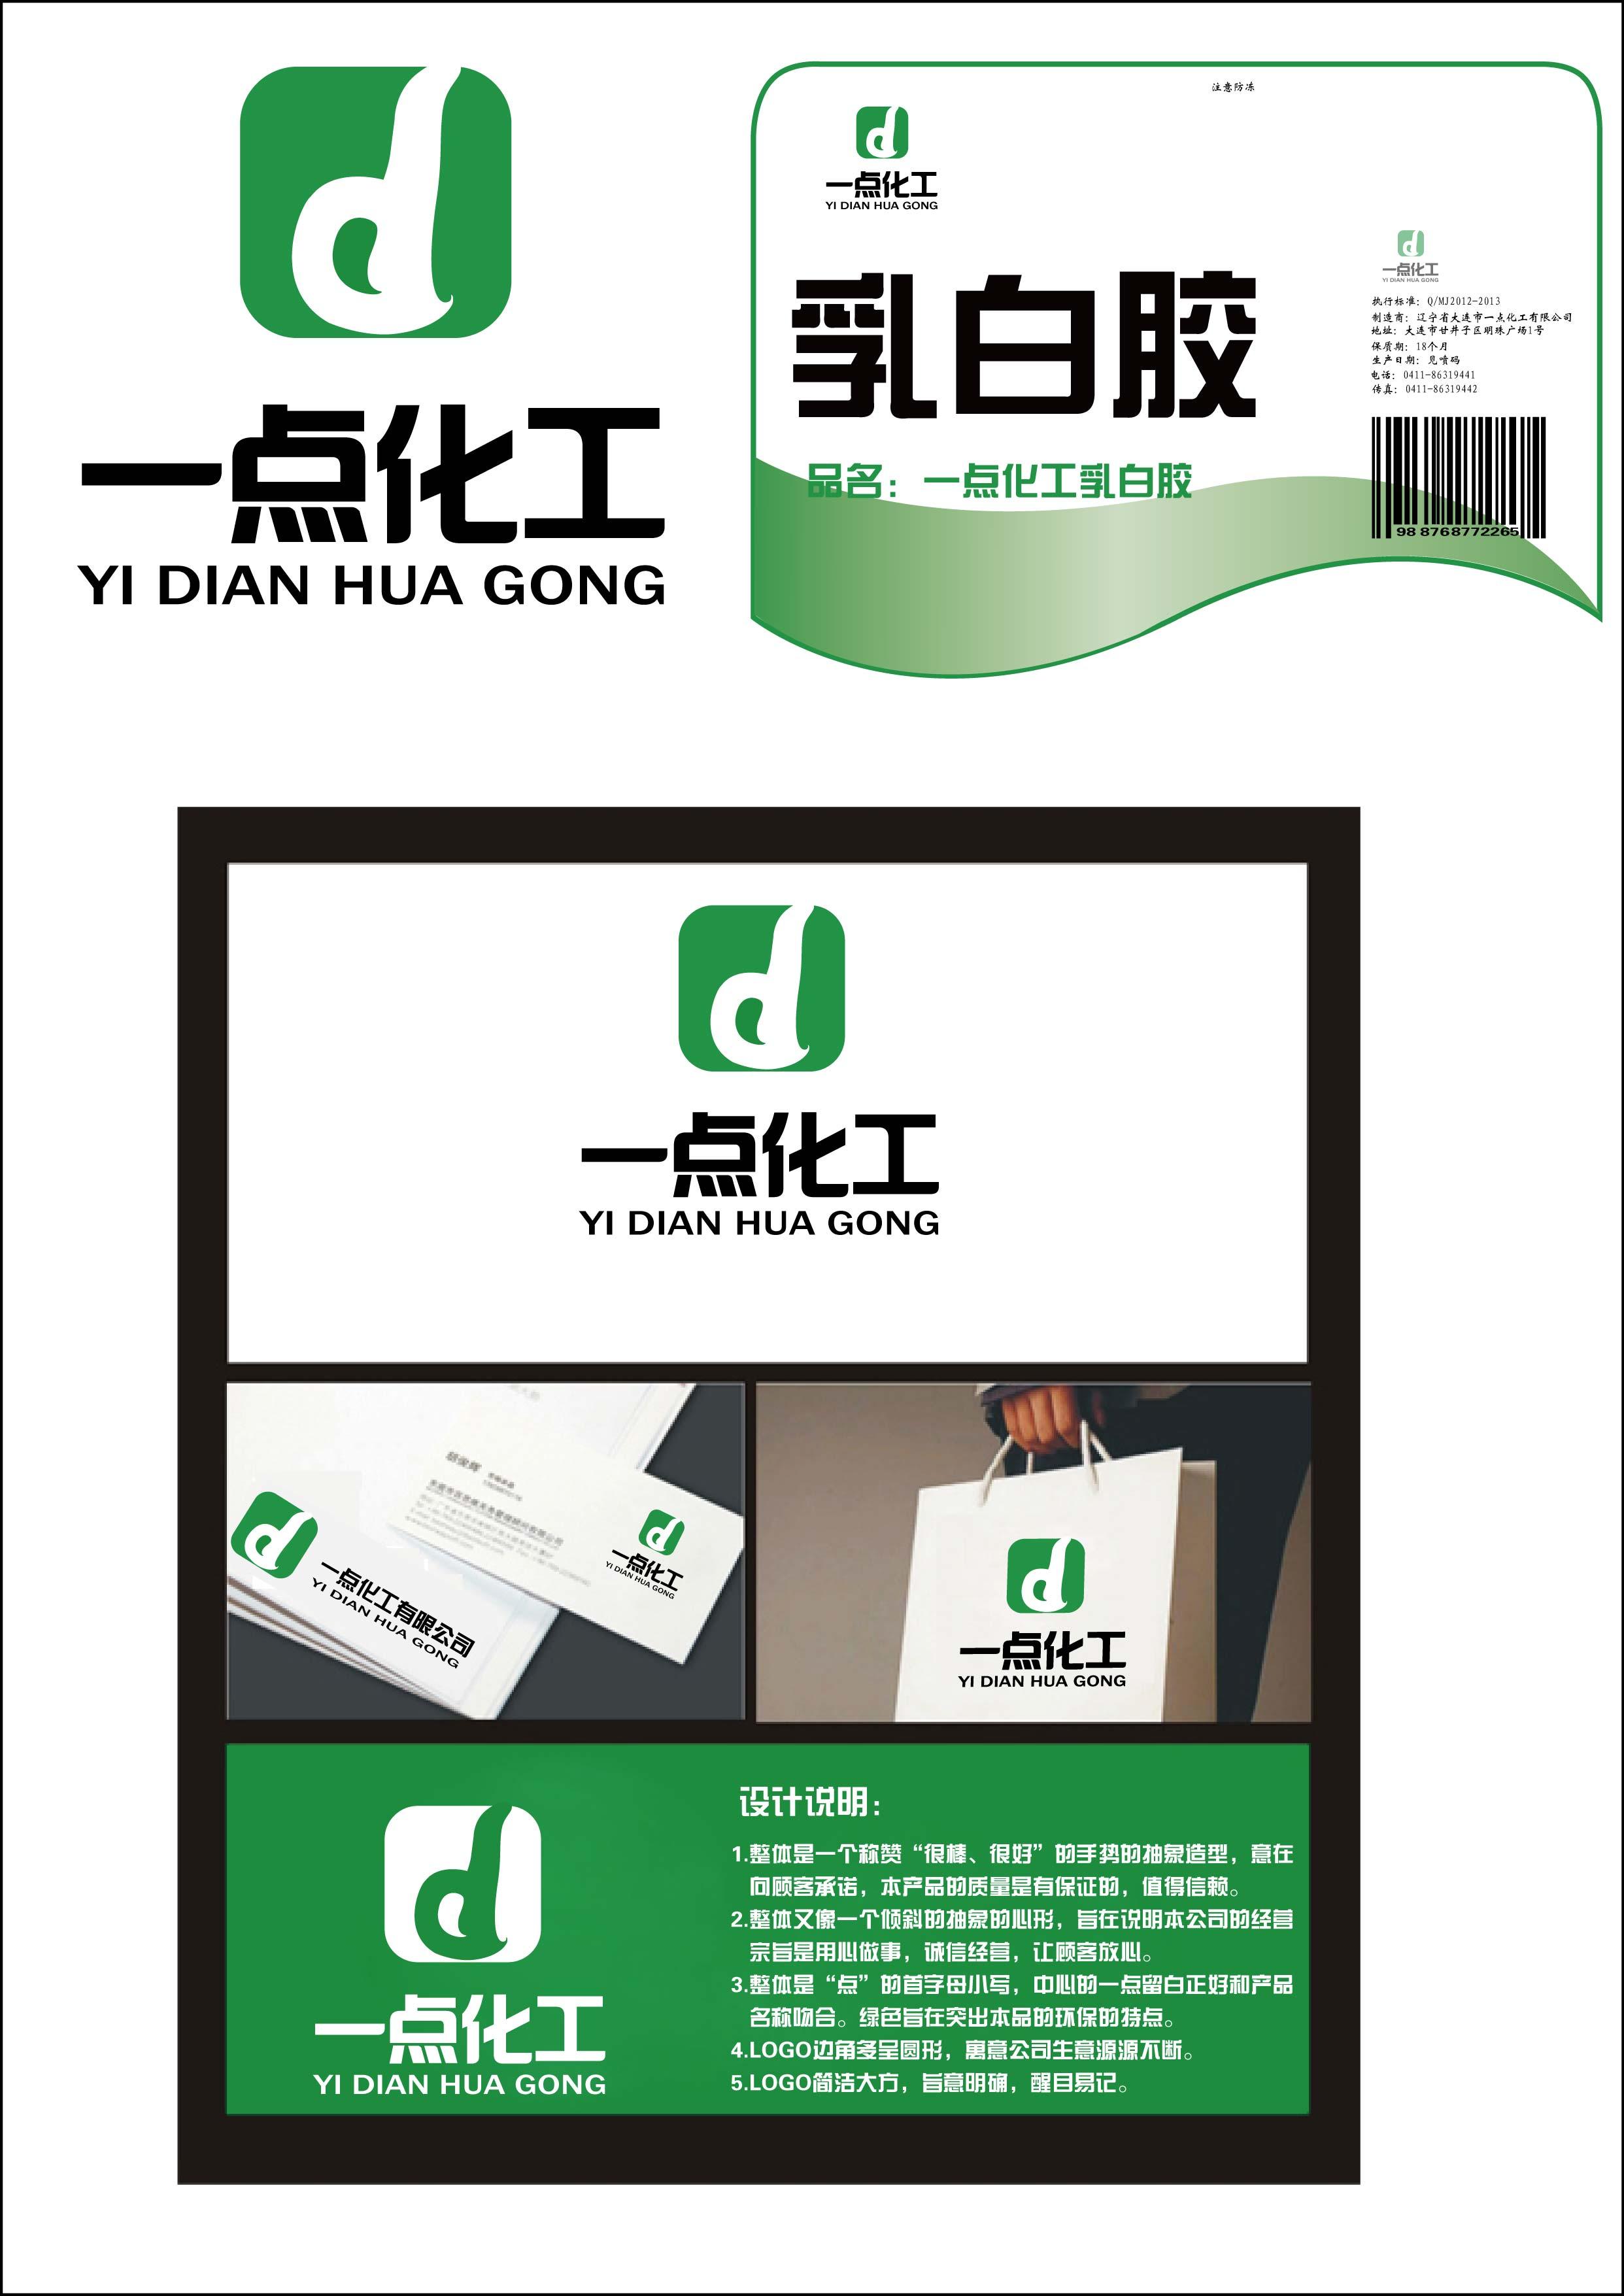 设计公司logo及产品外包装